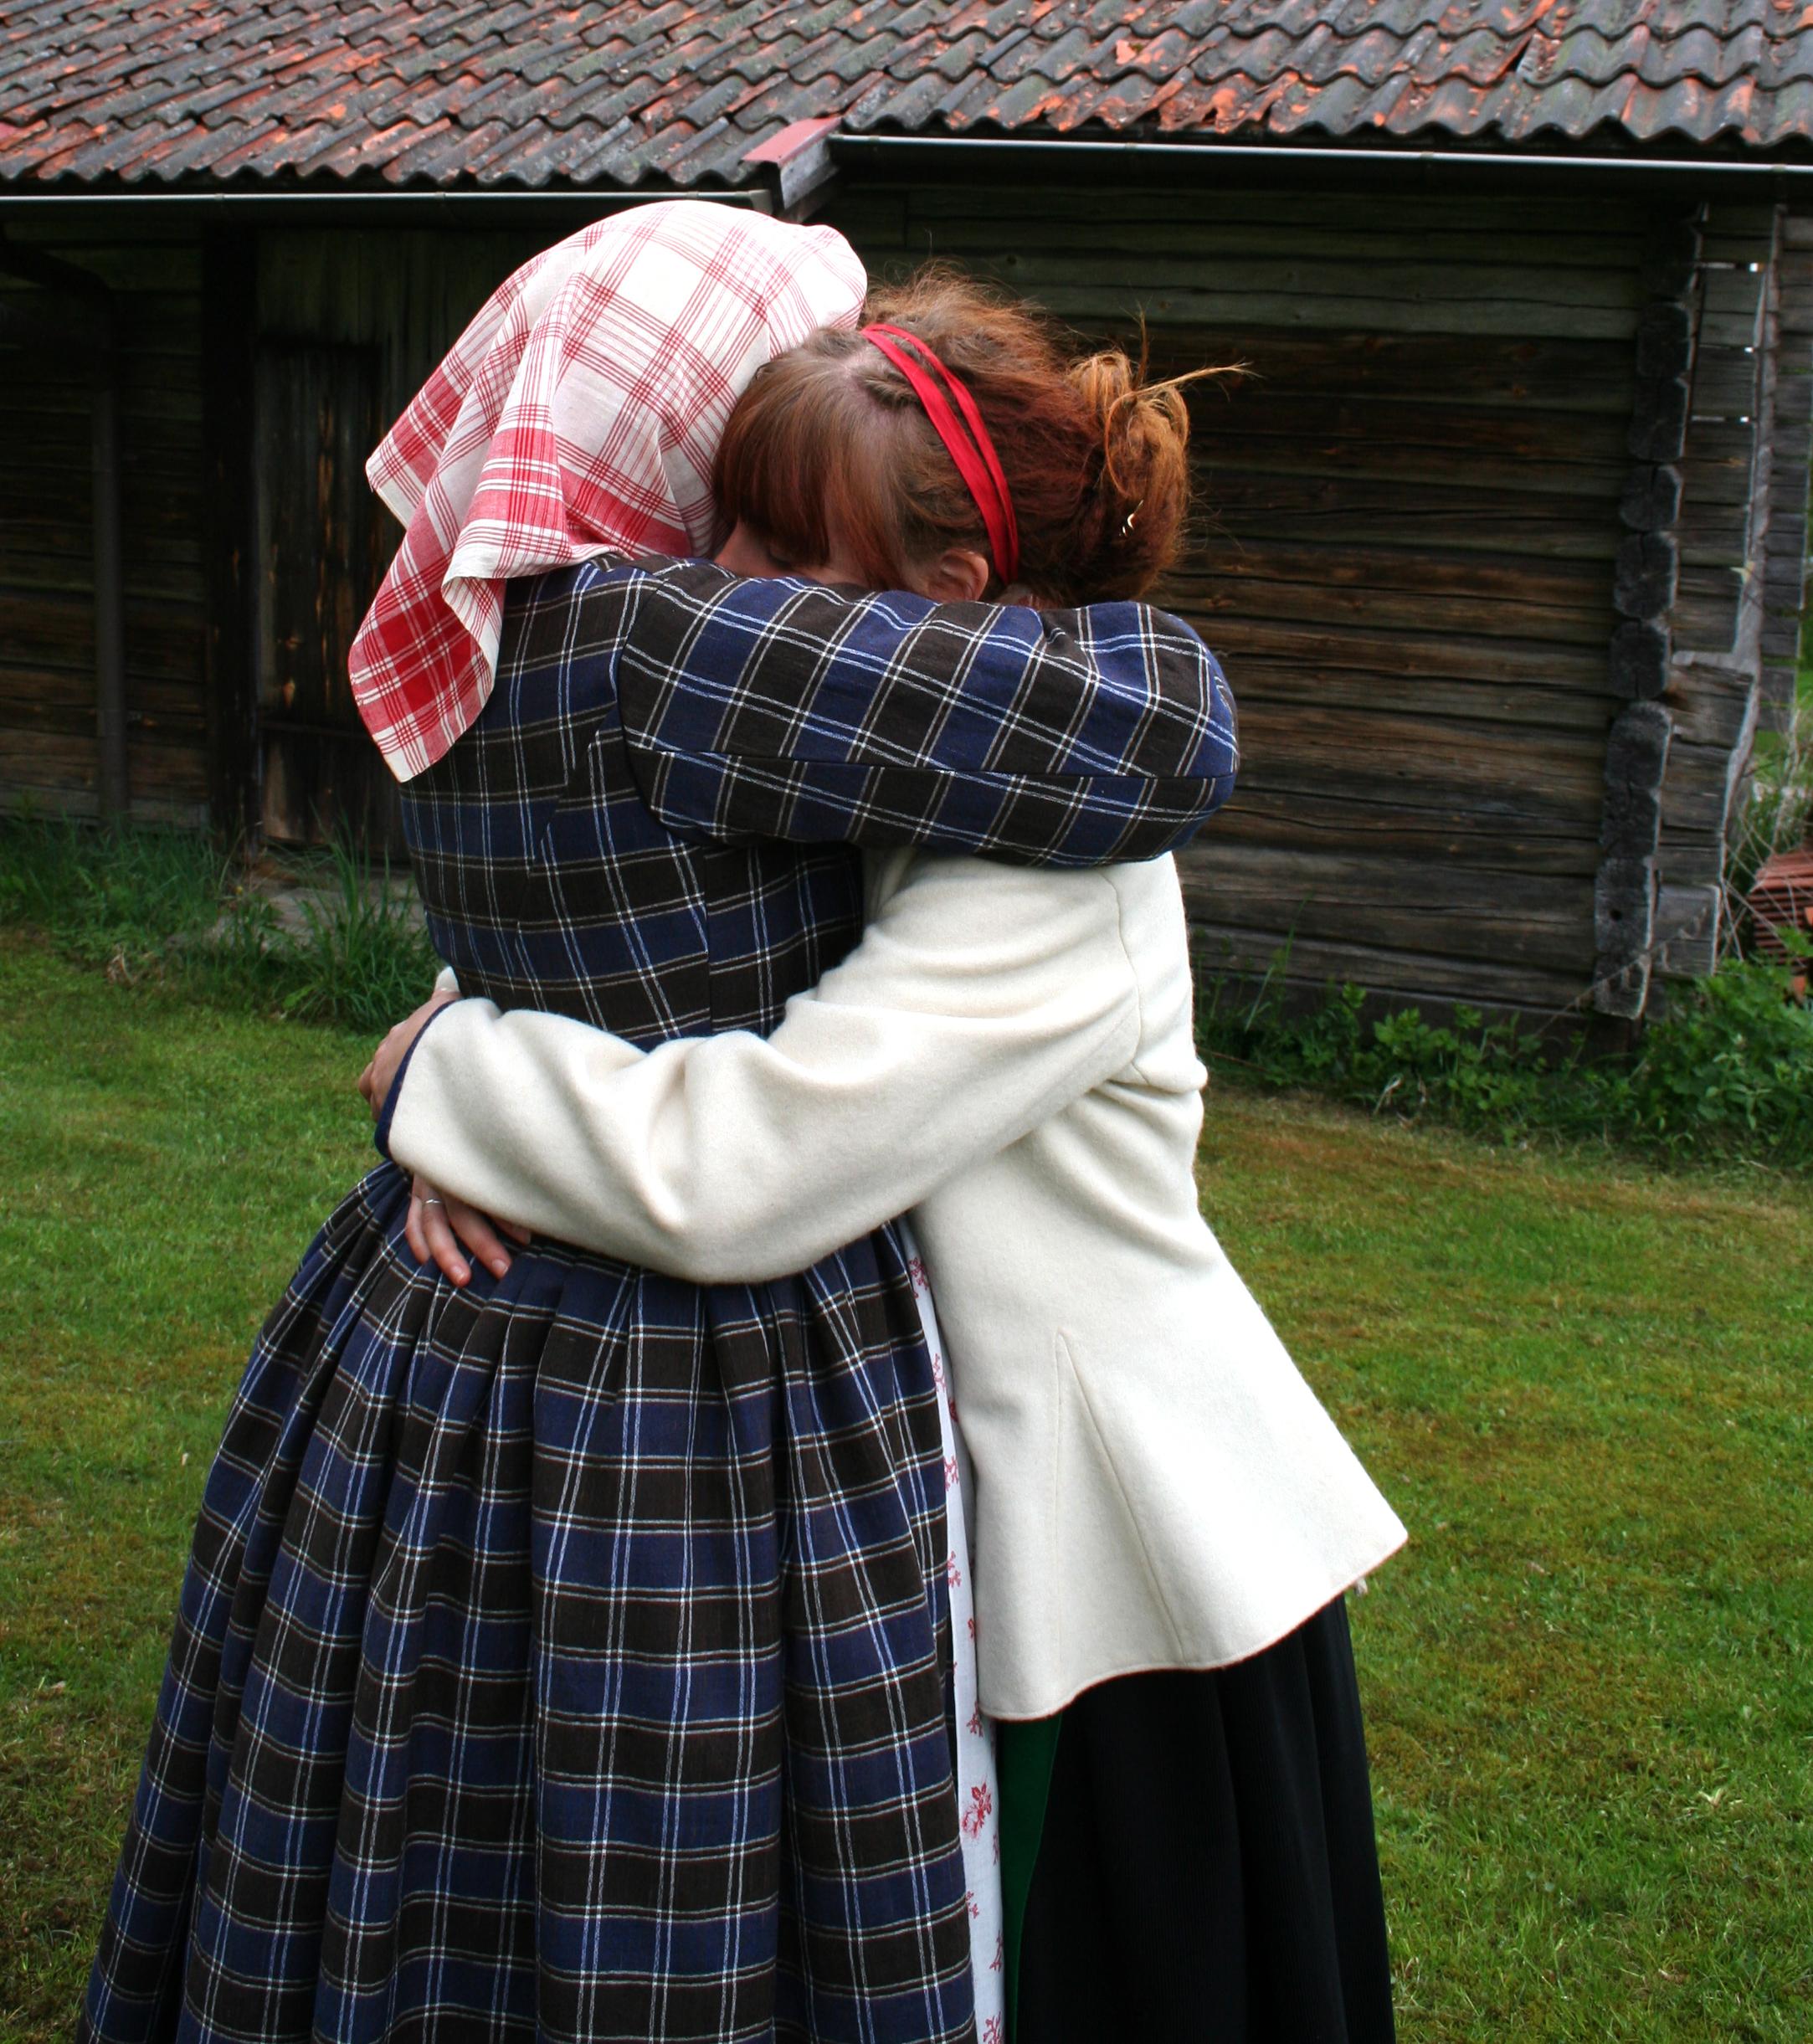 Nyrokokoklänning i halvylle. Finns på Skansen. Foto: Monica Hallén